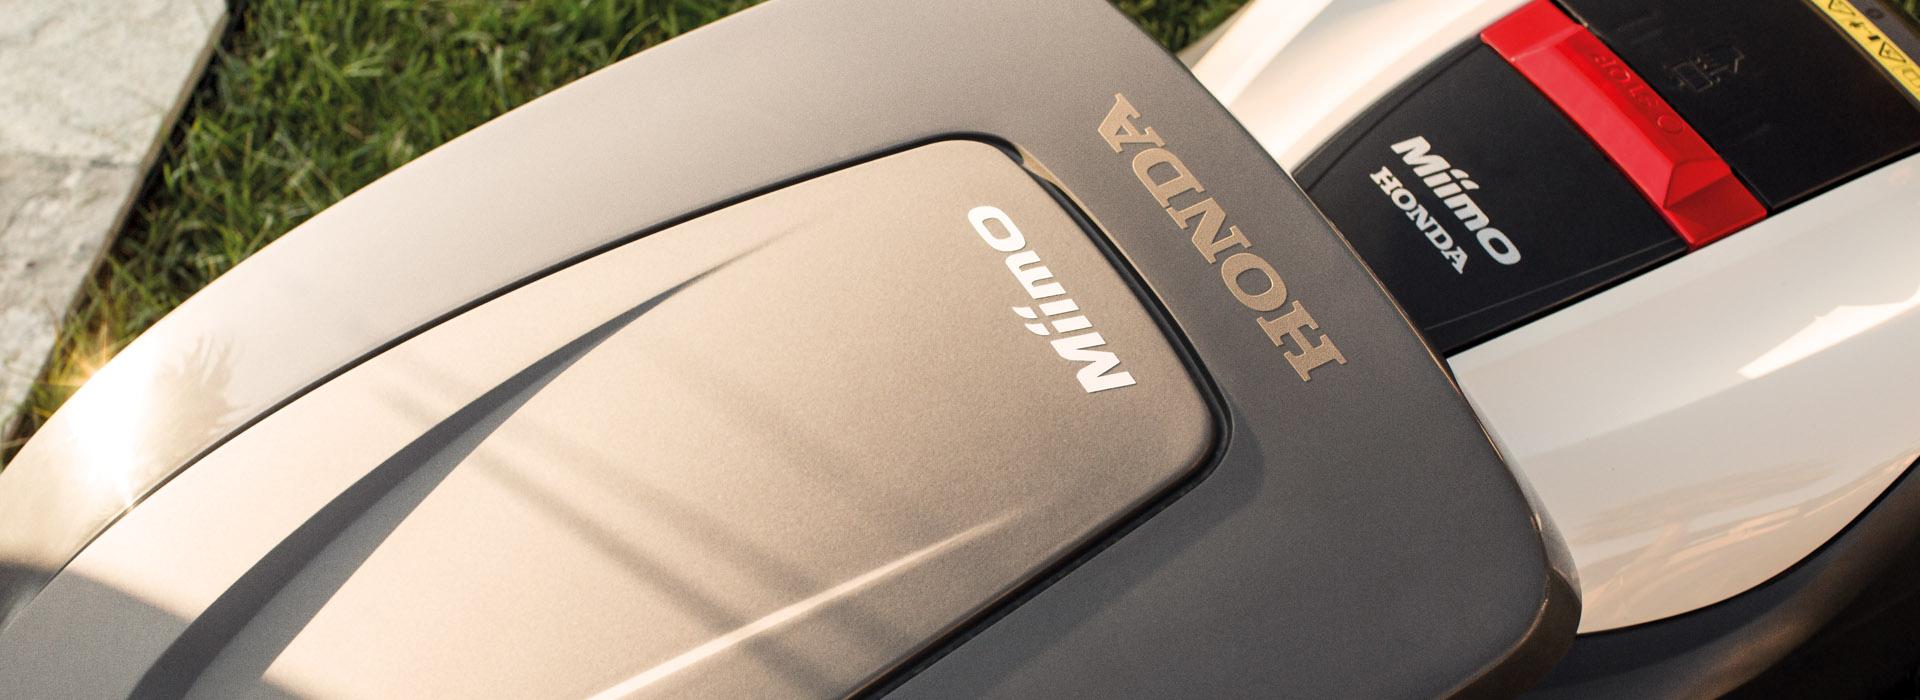 Honda Rasenroboter Miimo